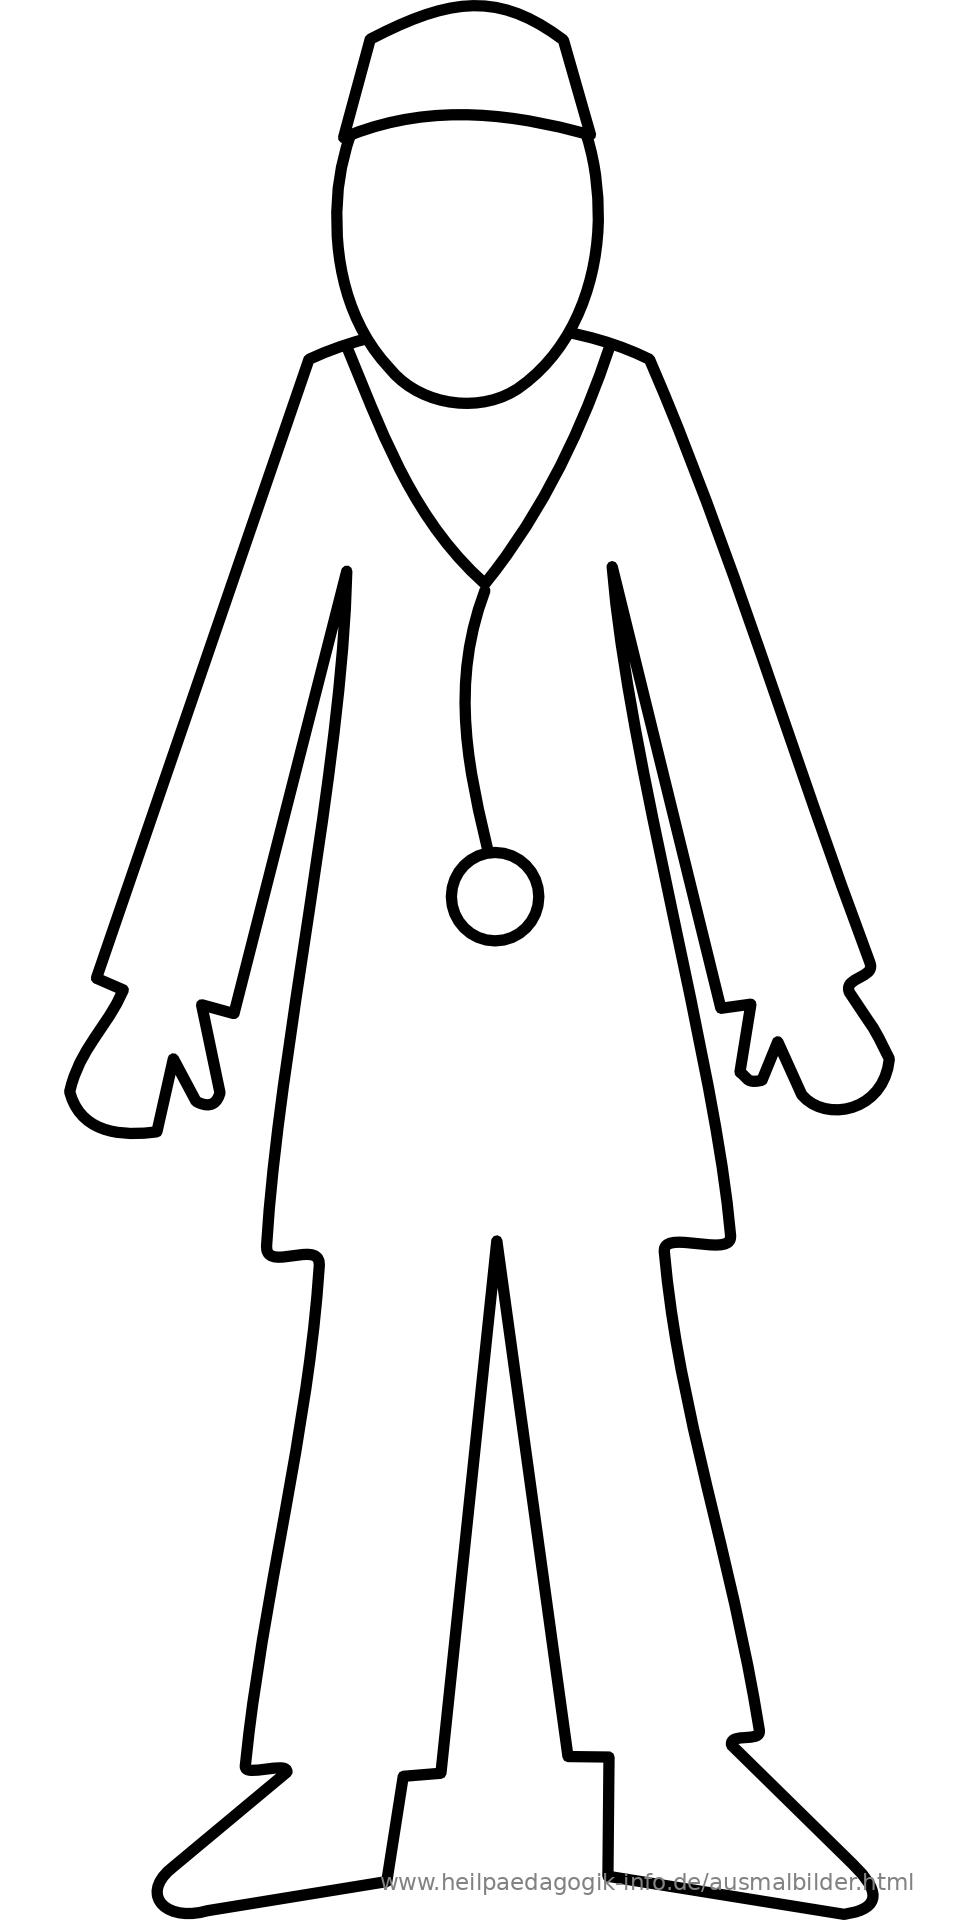 Beste Malvorlagen Arzt Und Krankenschwester Bilder - Malvorlagen Von ...